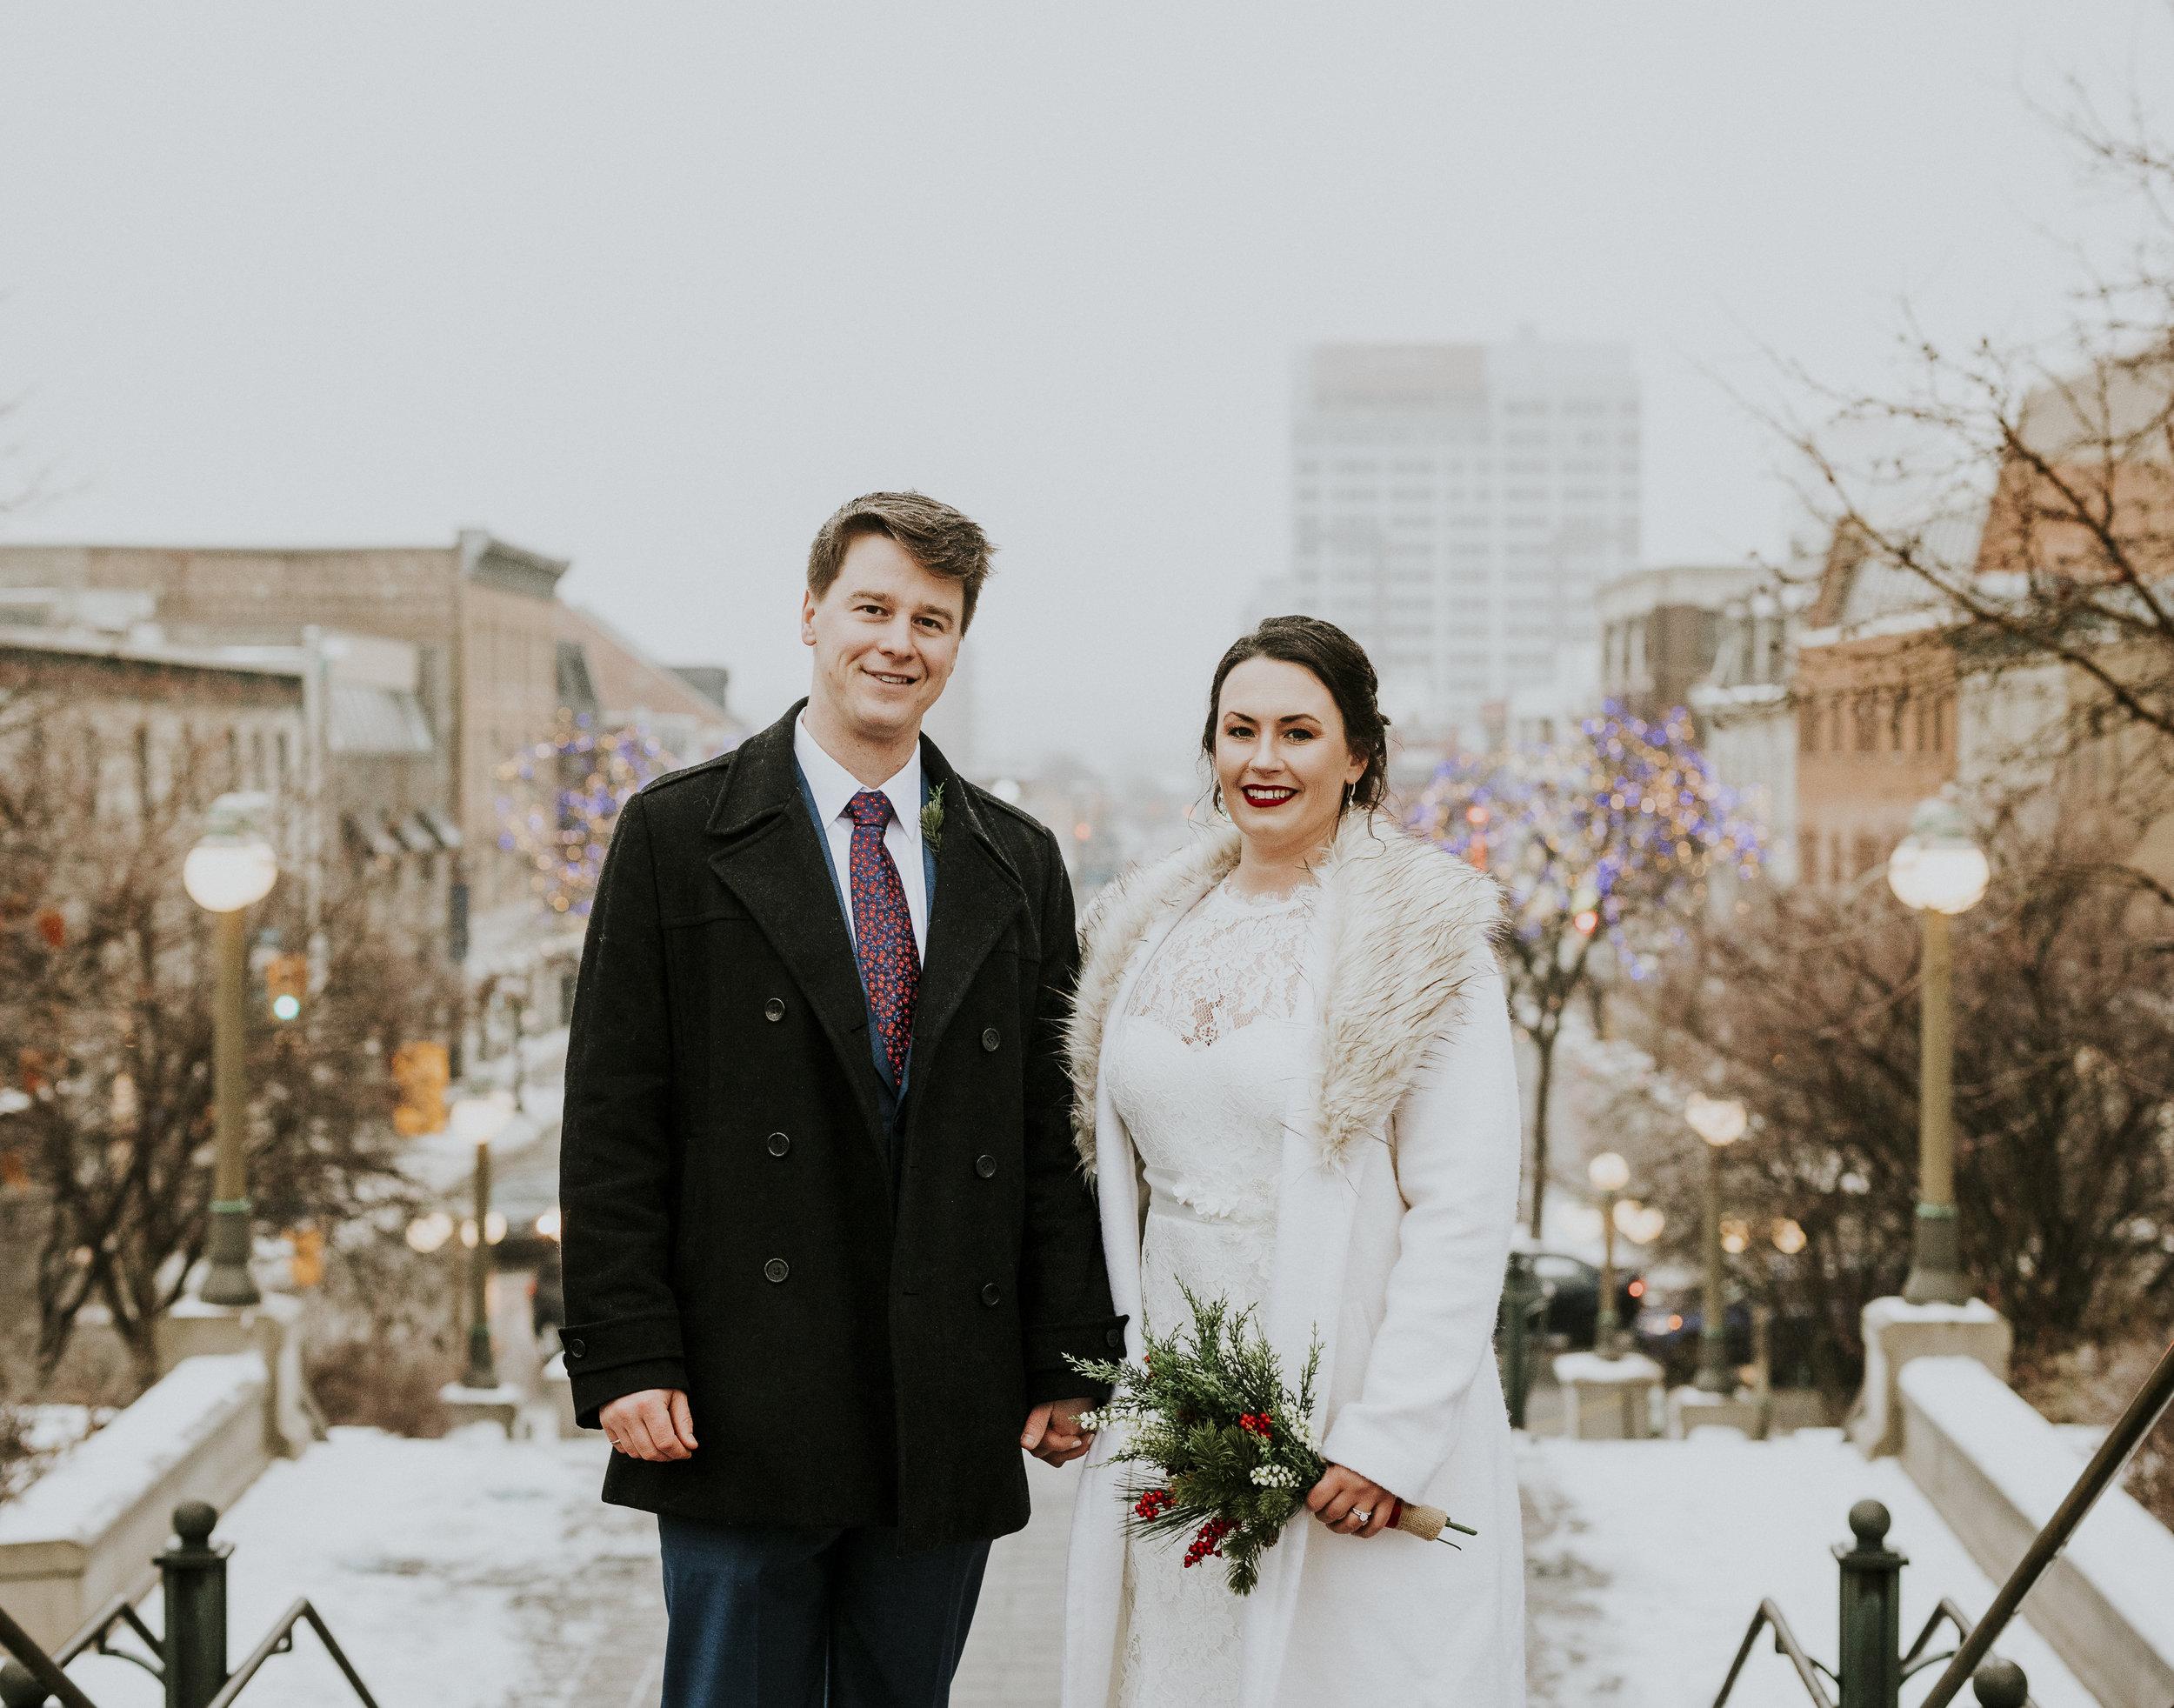 001_Bride + Groom Portraits-049.jpg